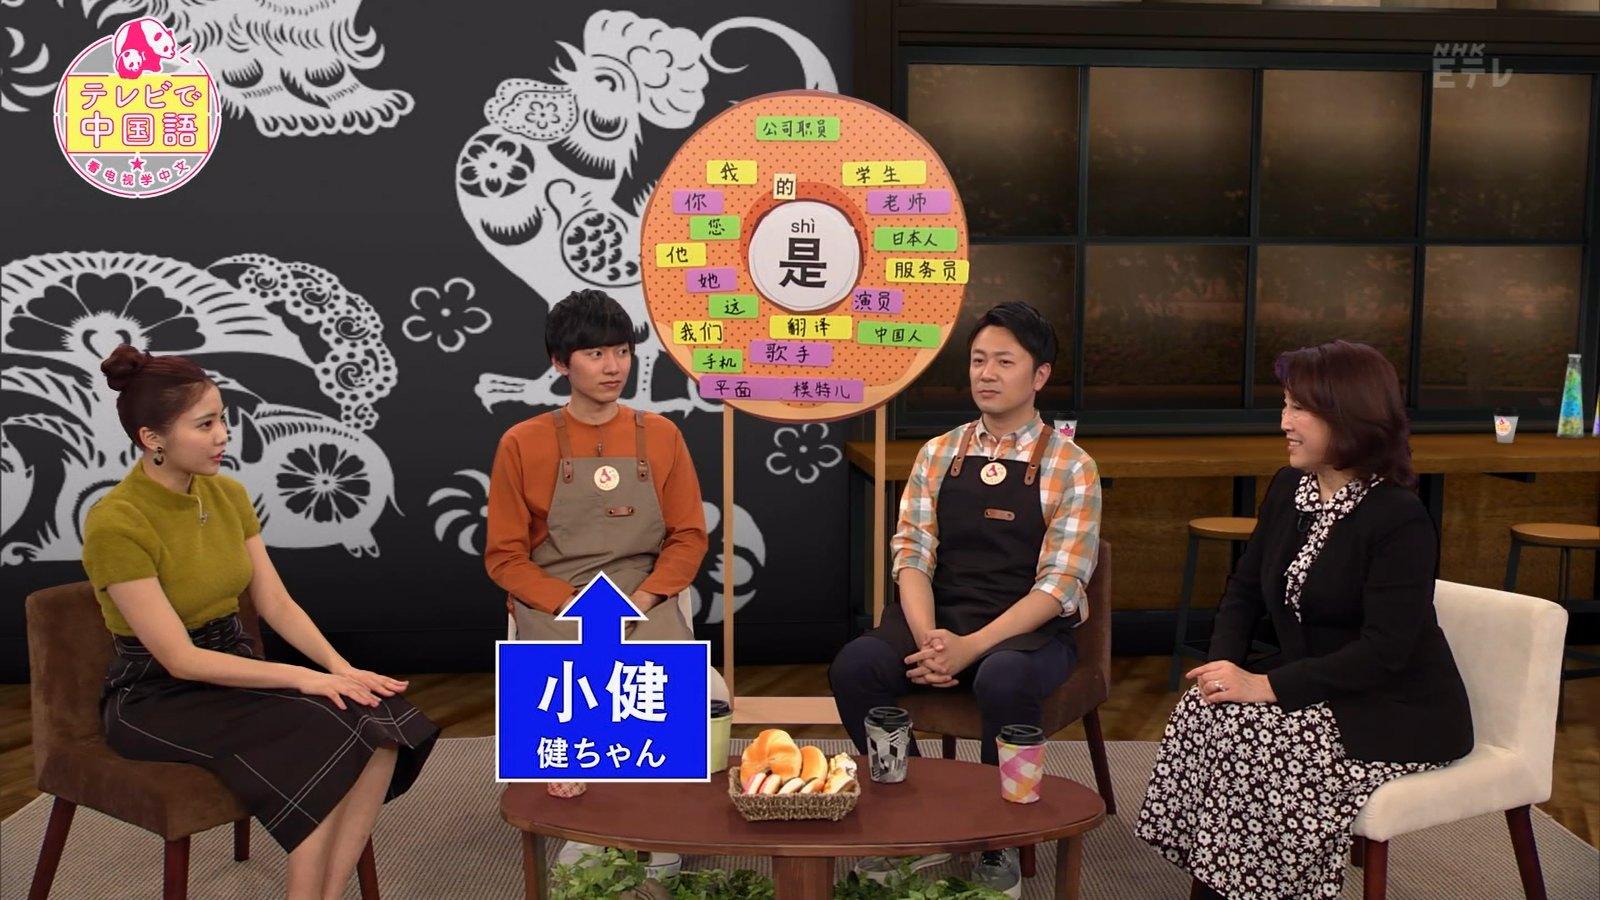 テレビで中国語・佐野ひなこさんのテレビキャプチャー画像-023